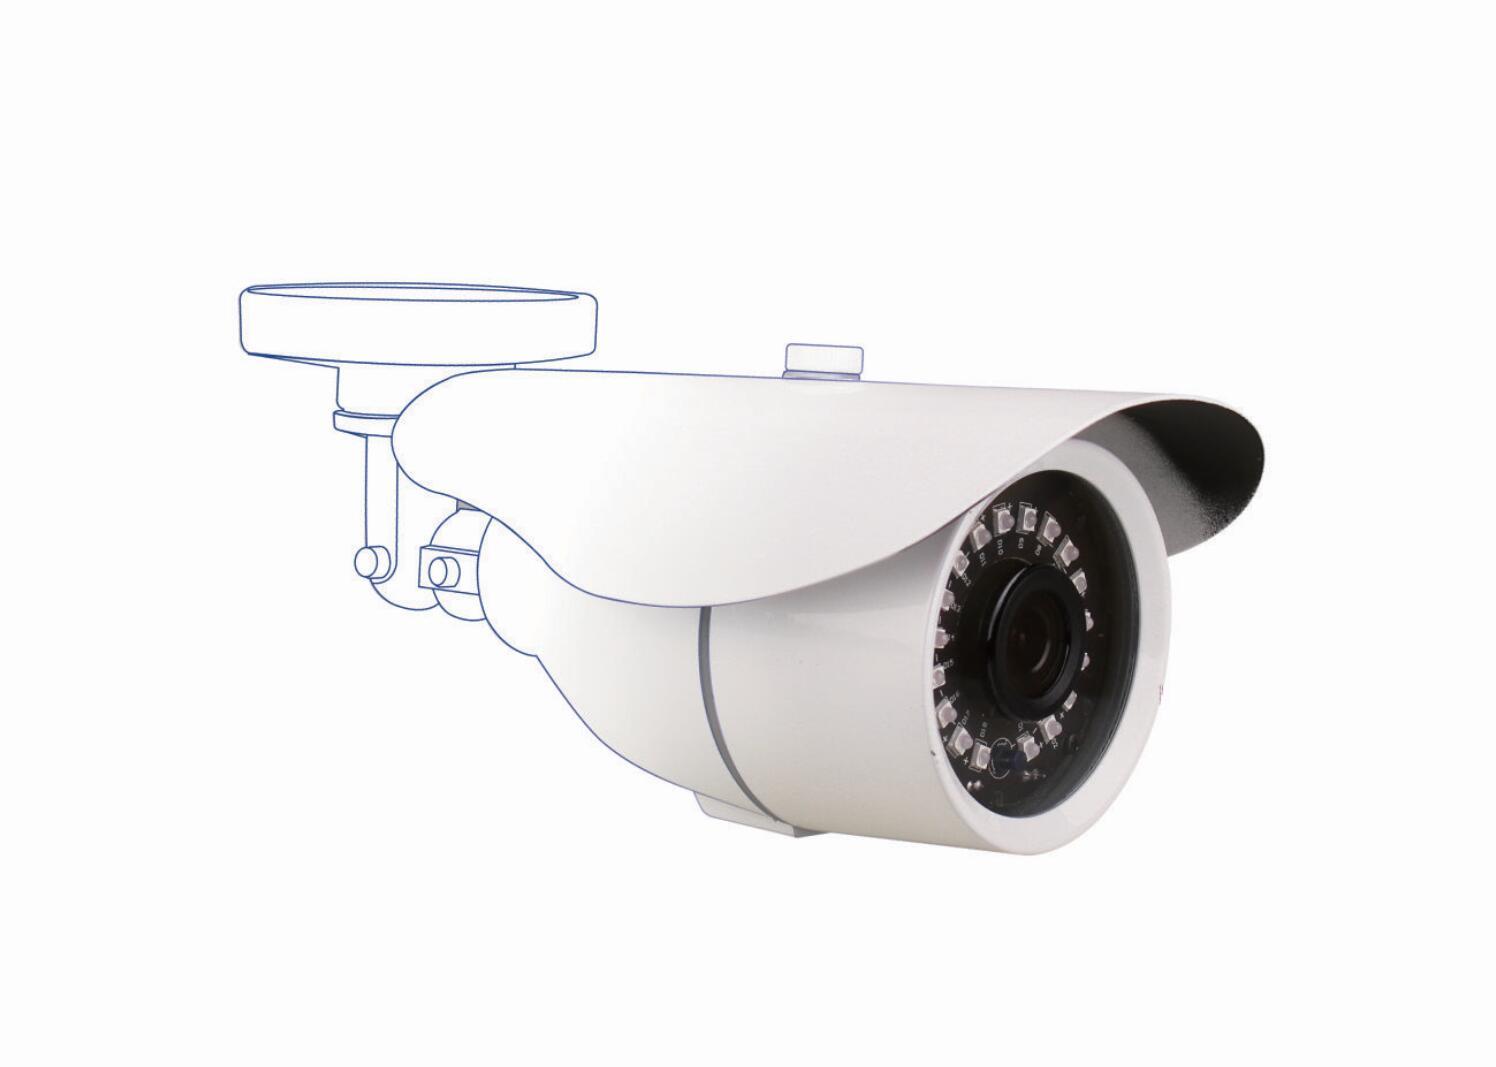 Kit Dvr 32 Cameras Full HD 1080 Infravermelho  + Hd 2tb